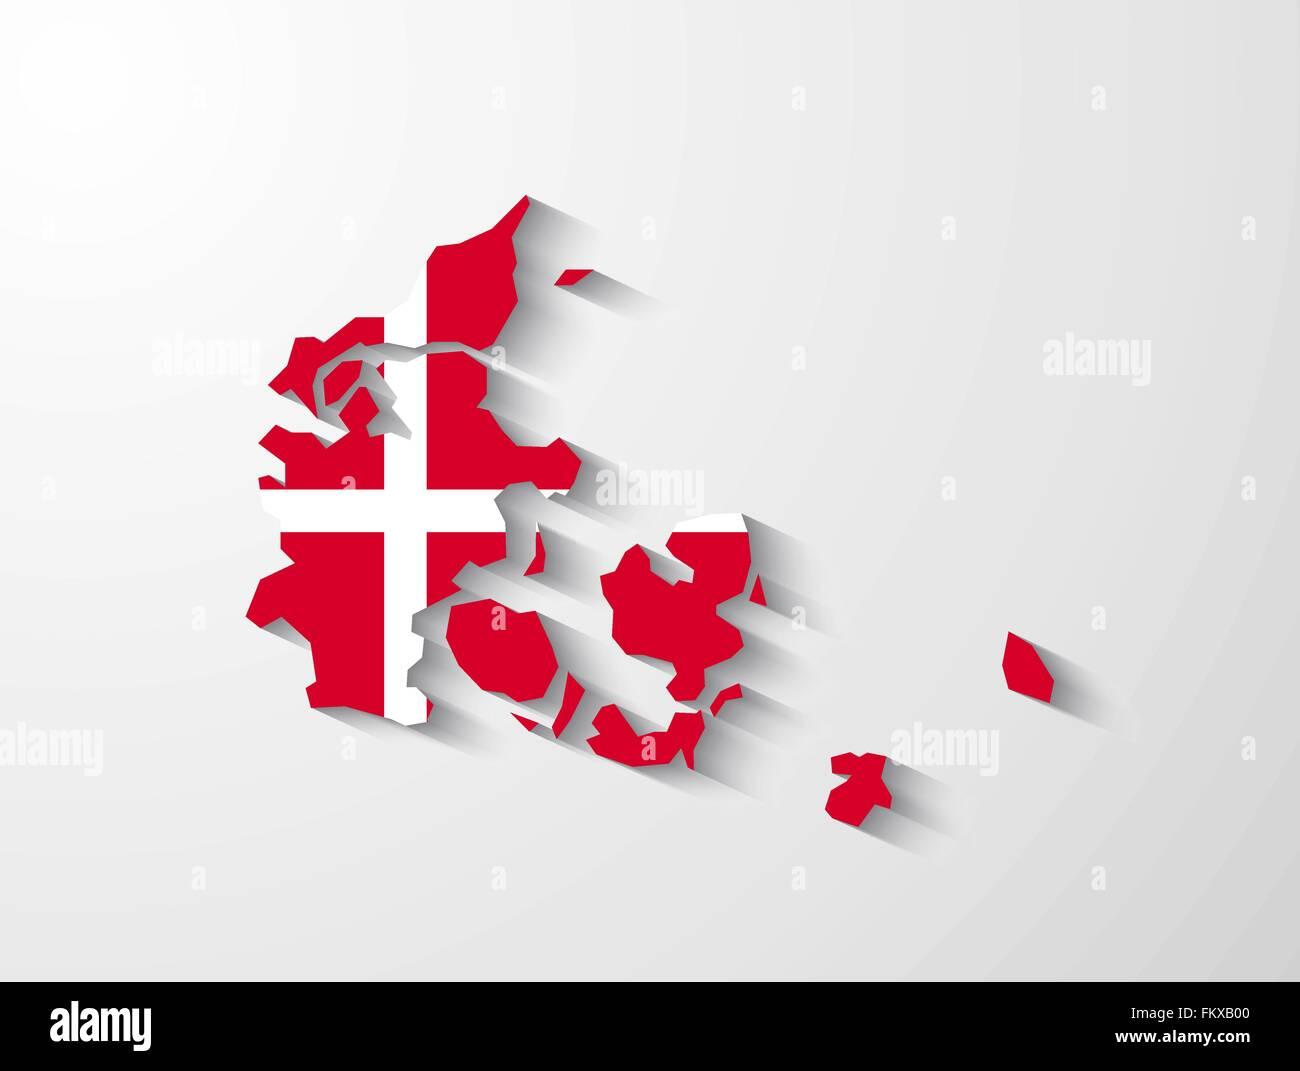 Dänemark Landkarte mit Flagge und Schatten-Effekt Vektor Abbildung ...